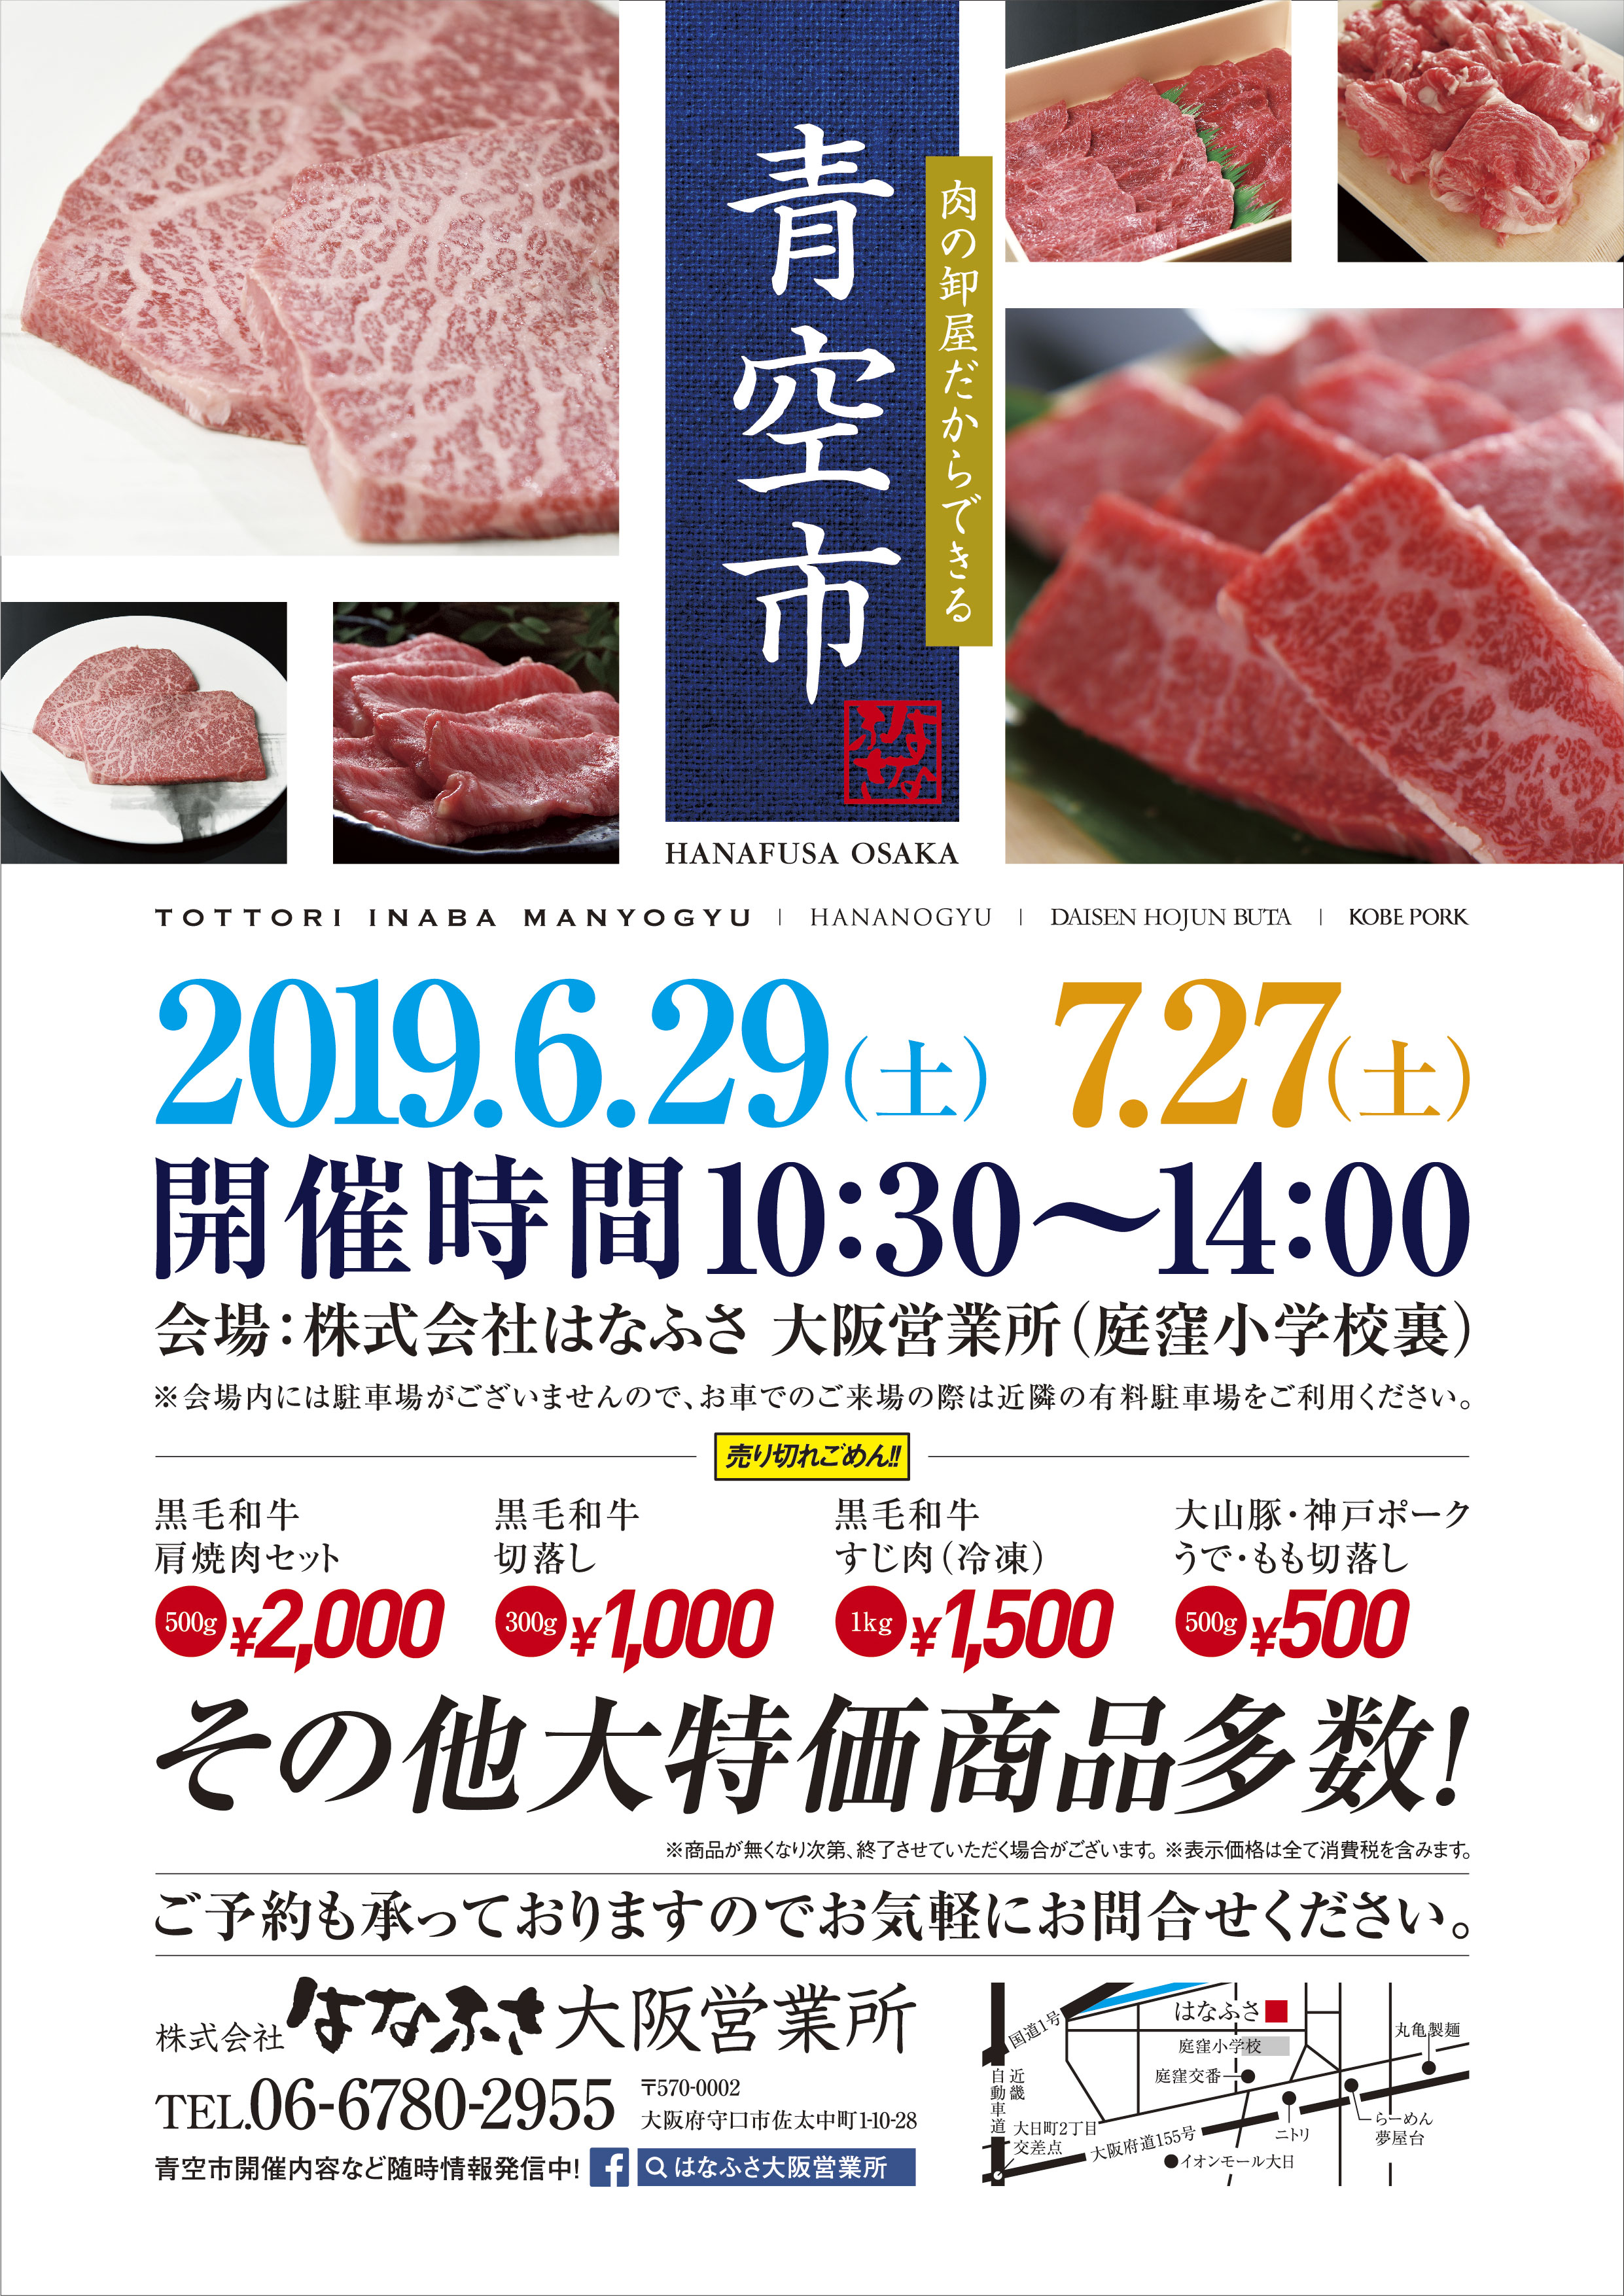 大阪「青空市」のお知らせ